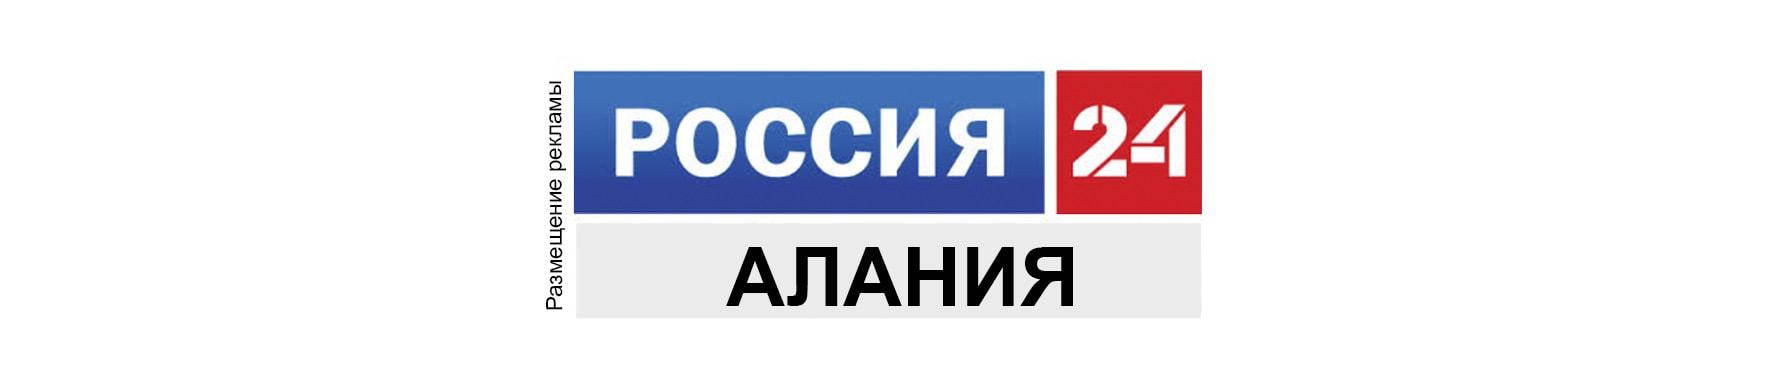 Реклама на телевидении в РСО-Алания Россия 24